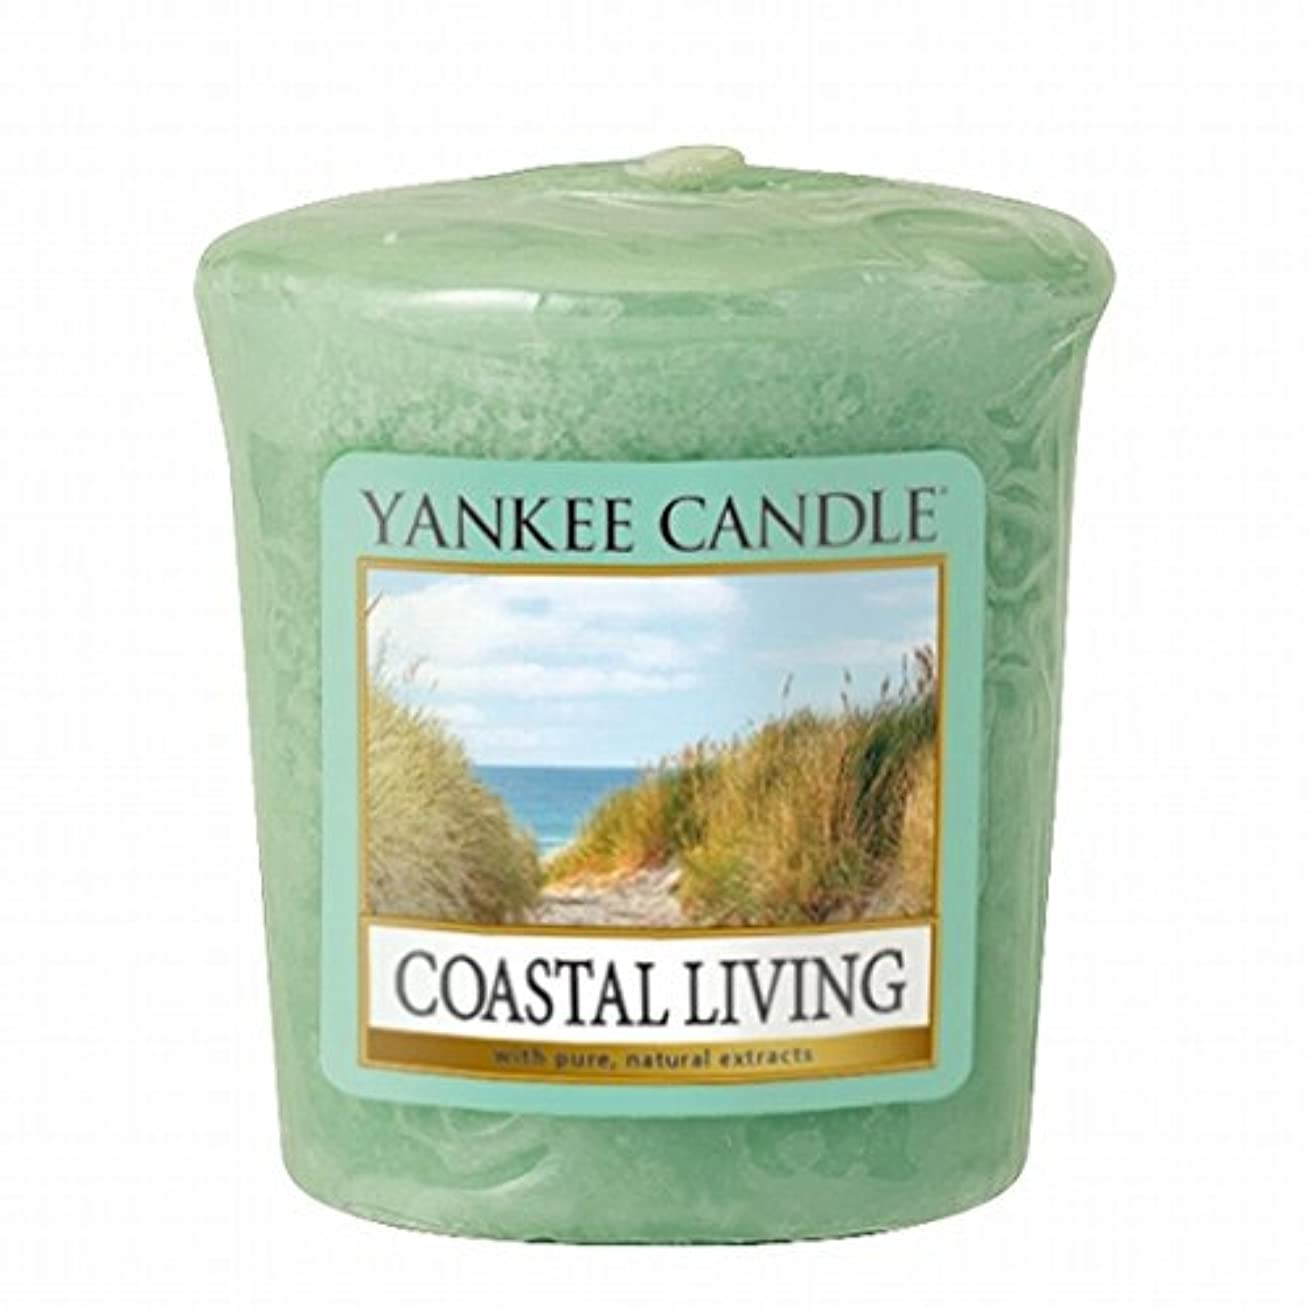 ナビゲーション王女専門化するYANKEE CANDLE(ヤンキーキャンドル) YANKEE CANDLE サンプラー 「コースタルリビング」6個セット(K00105292)